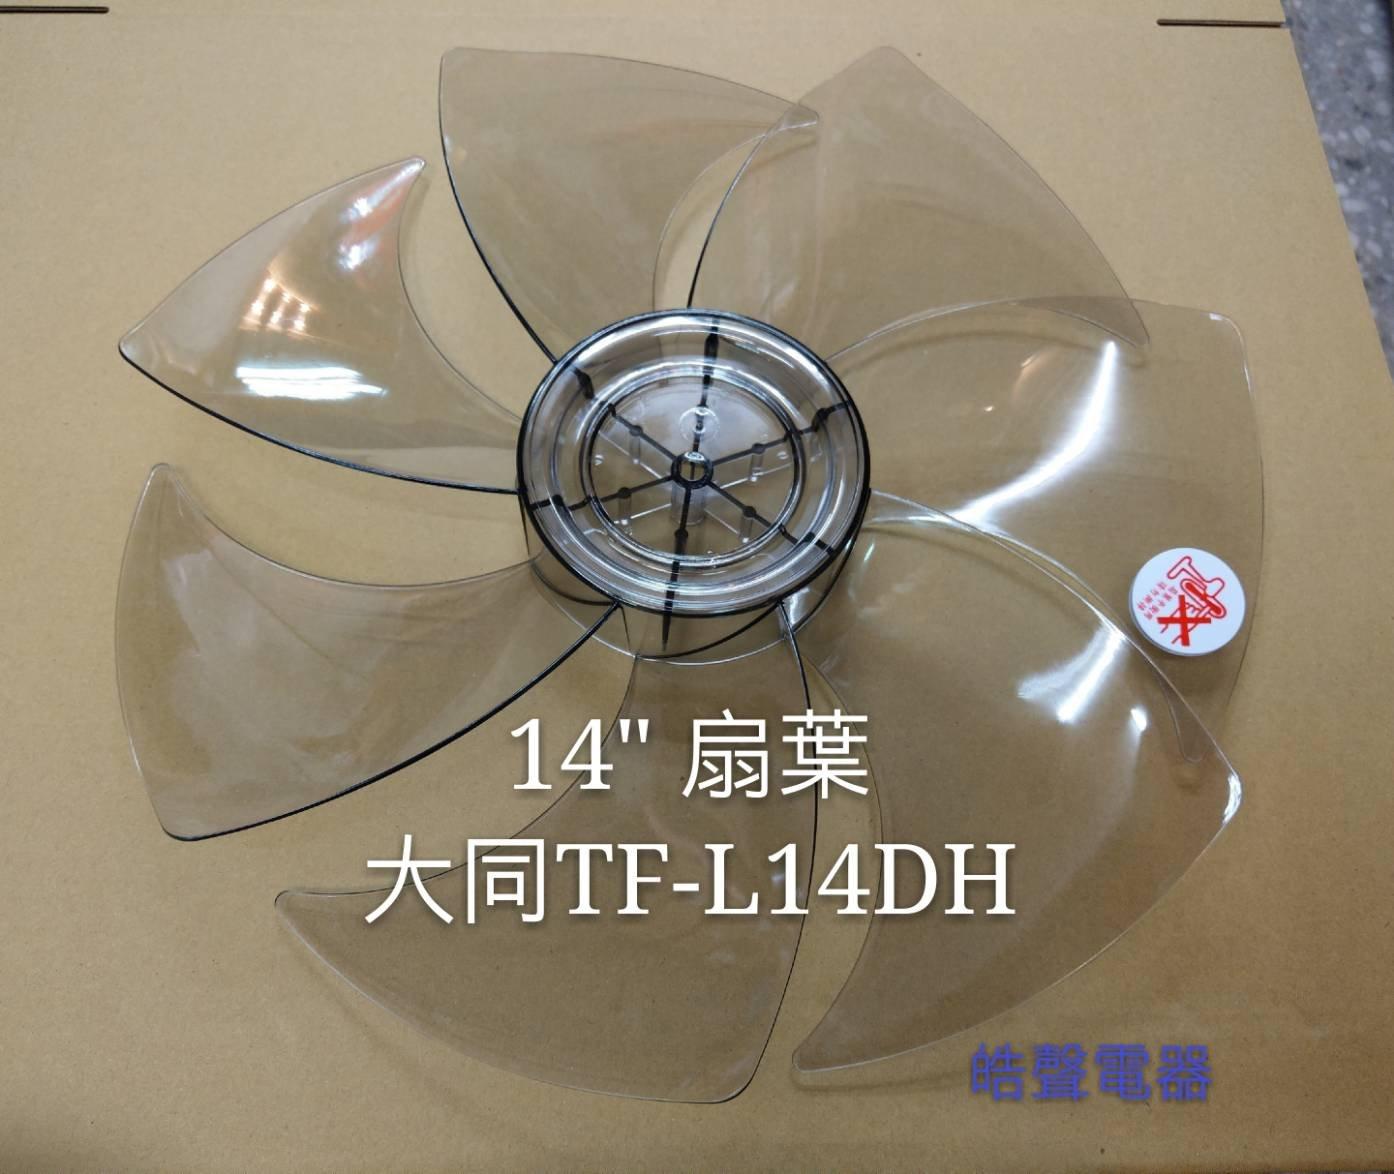 大同TF-L14DH 扇葉 DC節能扇 葉片 14吋大同電風扇扇葉  DC